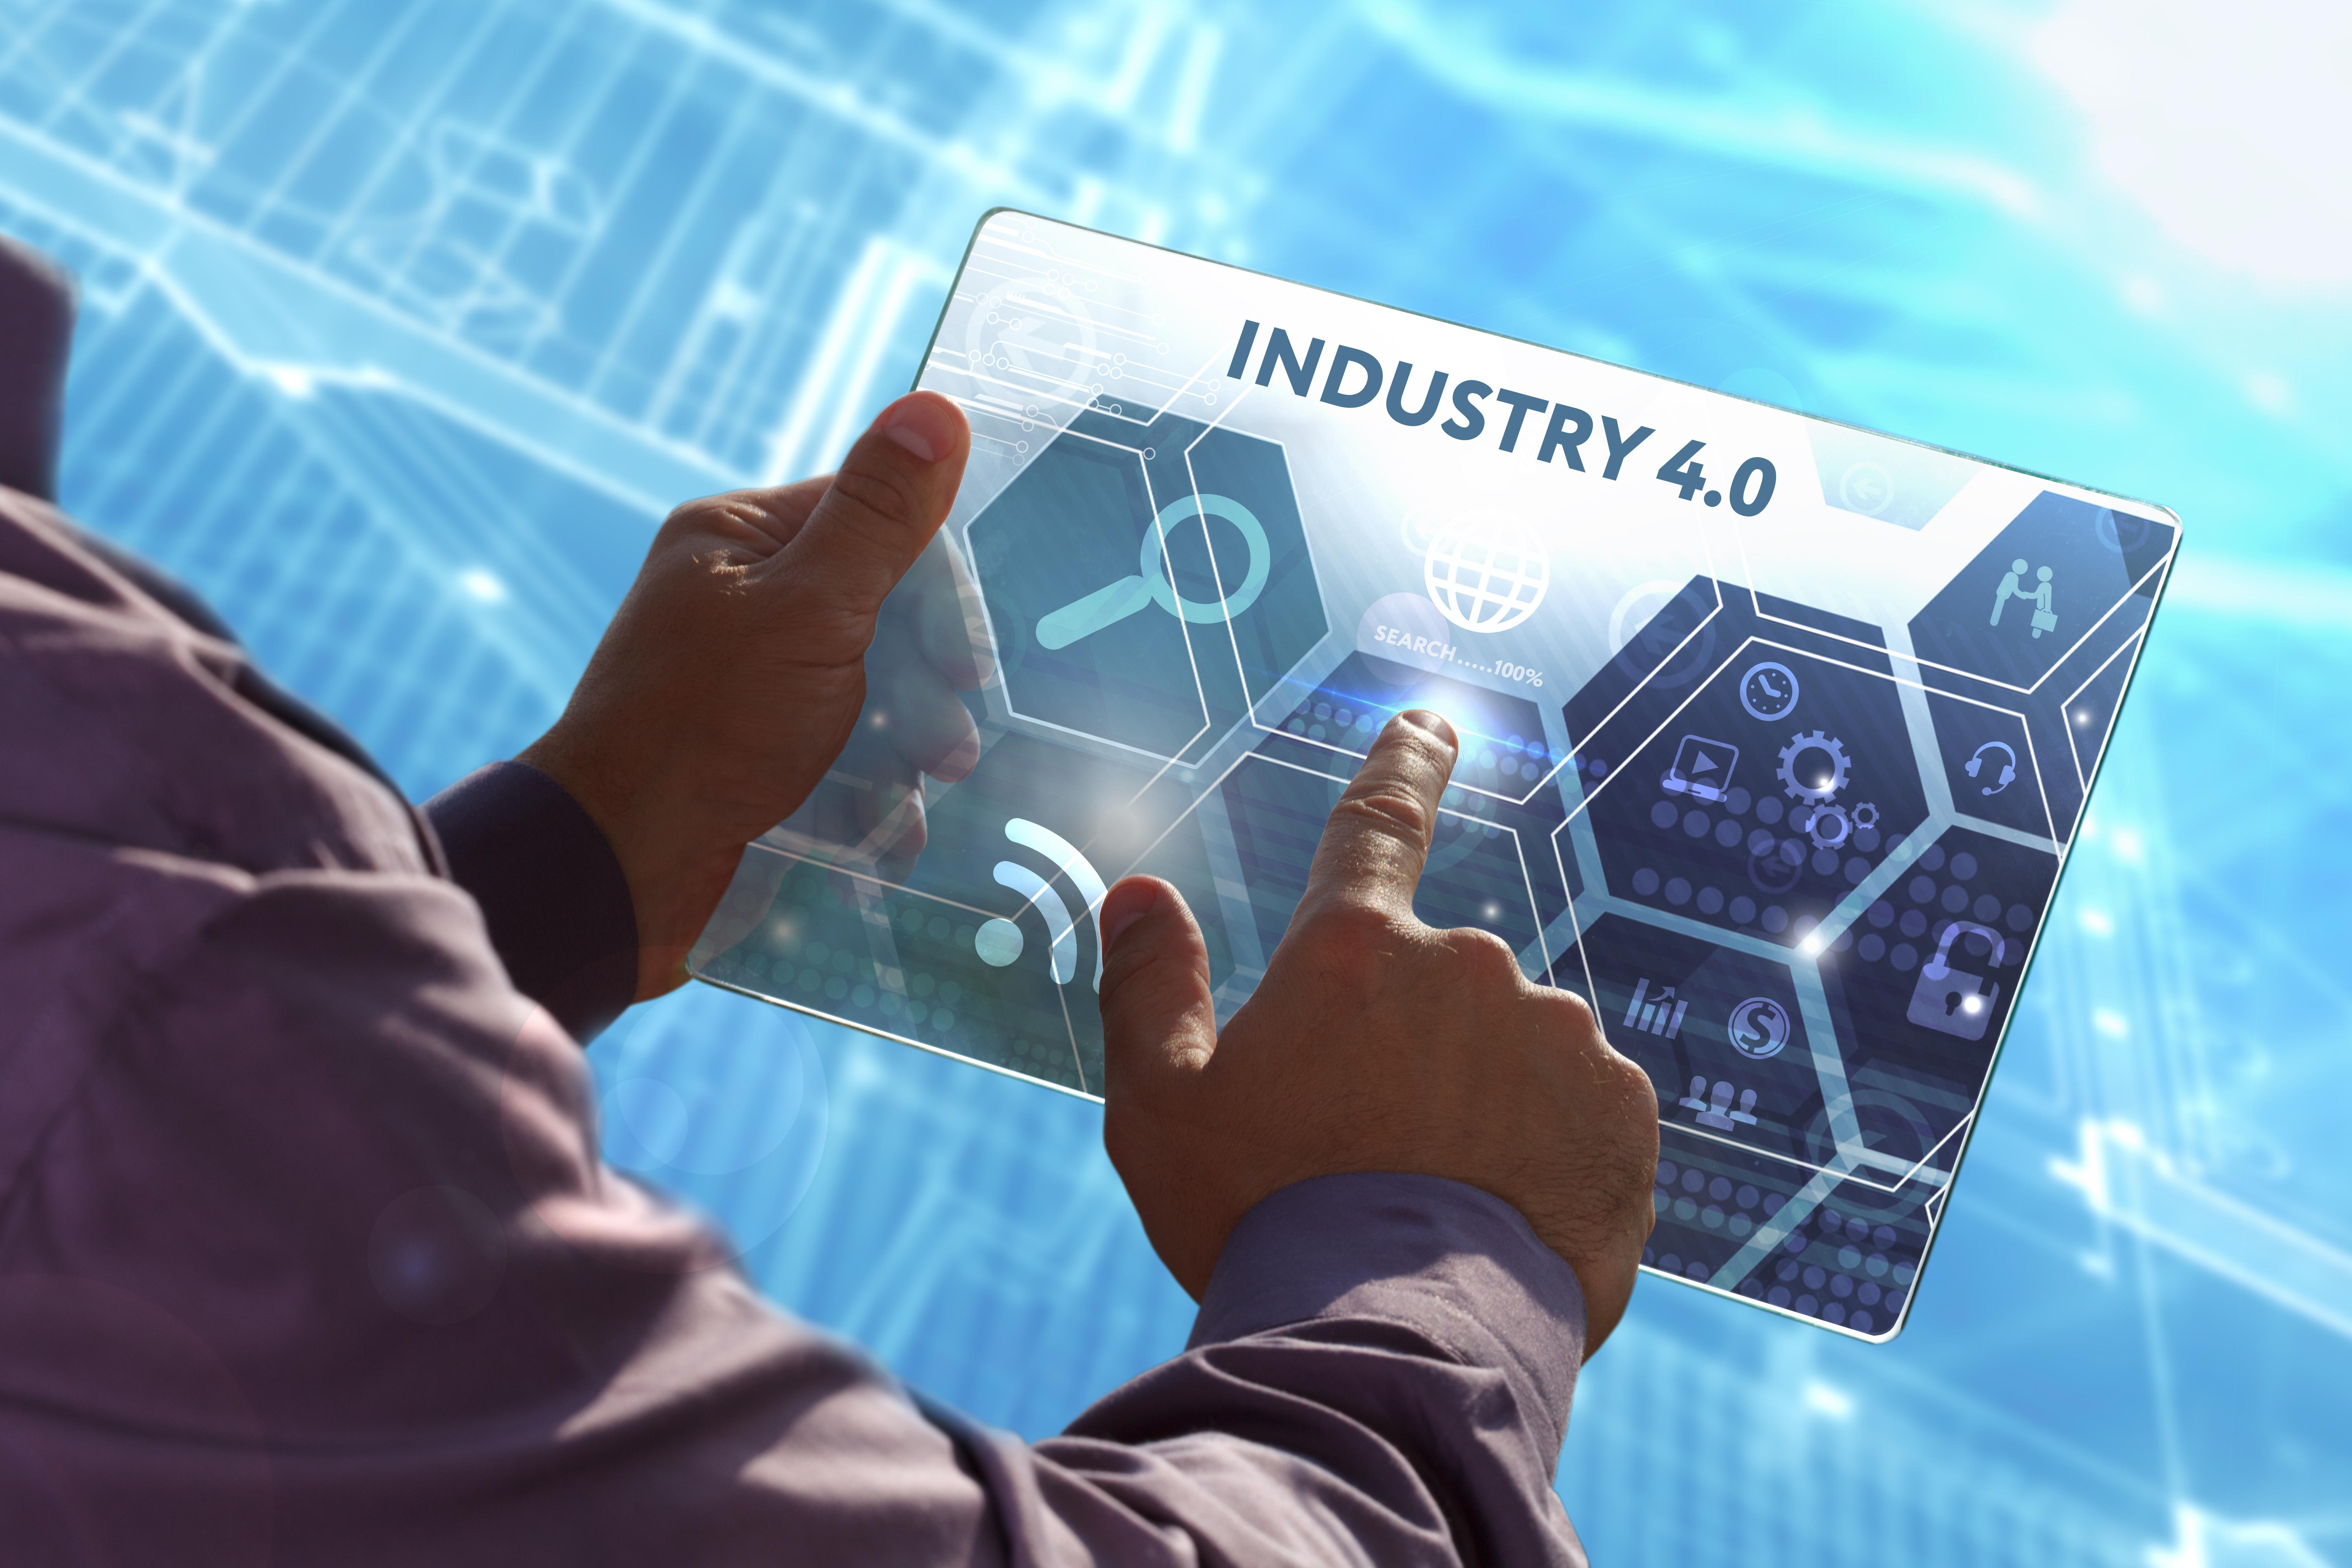 Industry 4.0 Magyarországon 2018-ban